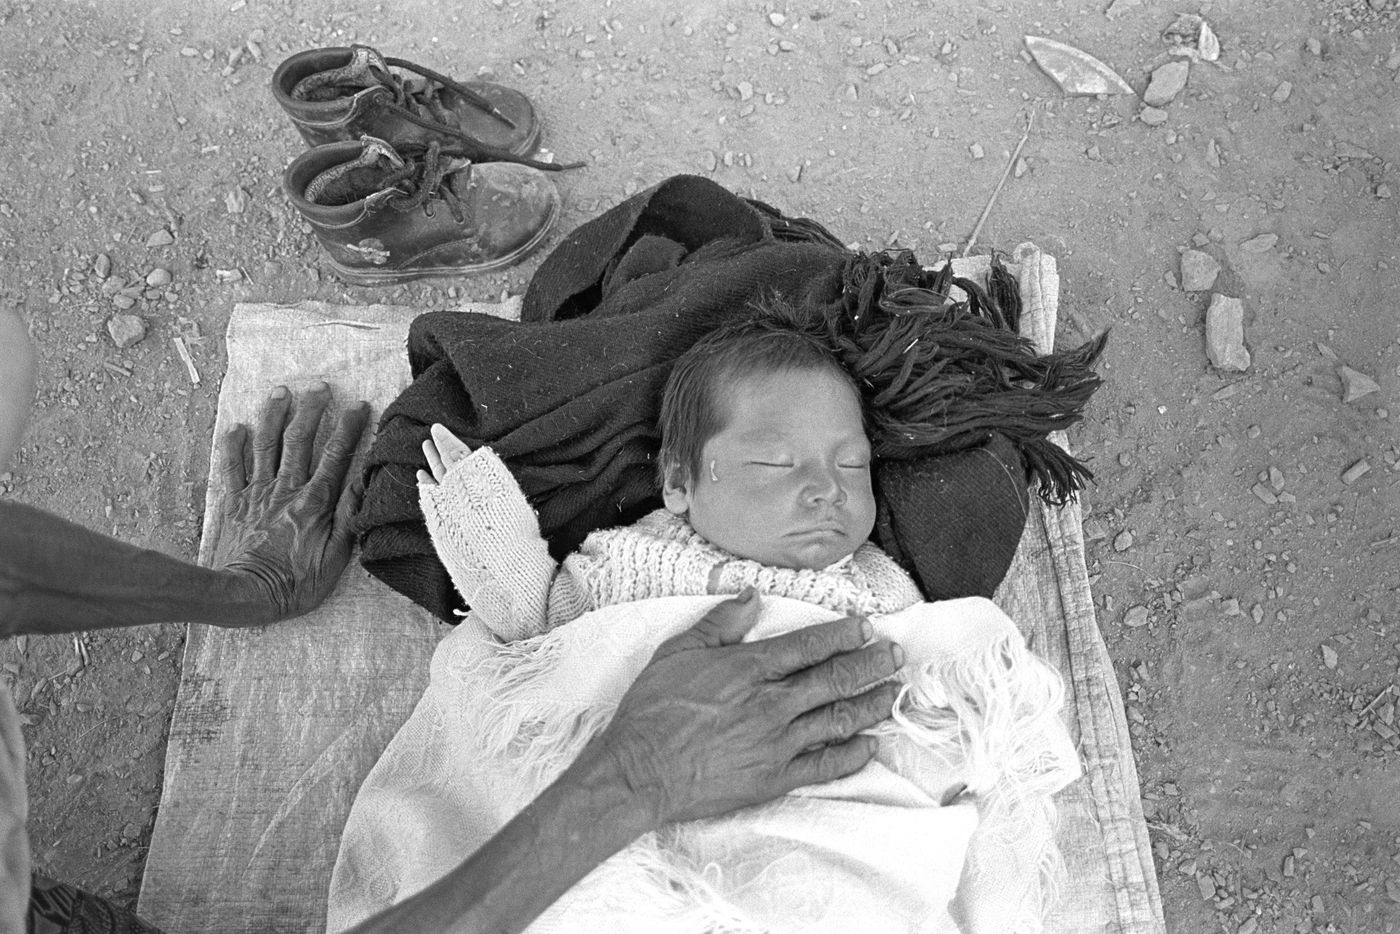 Sleeping baby / Bebe durmiendo